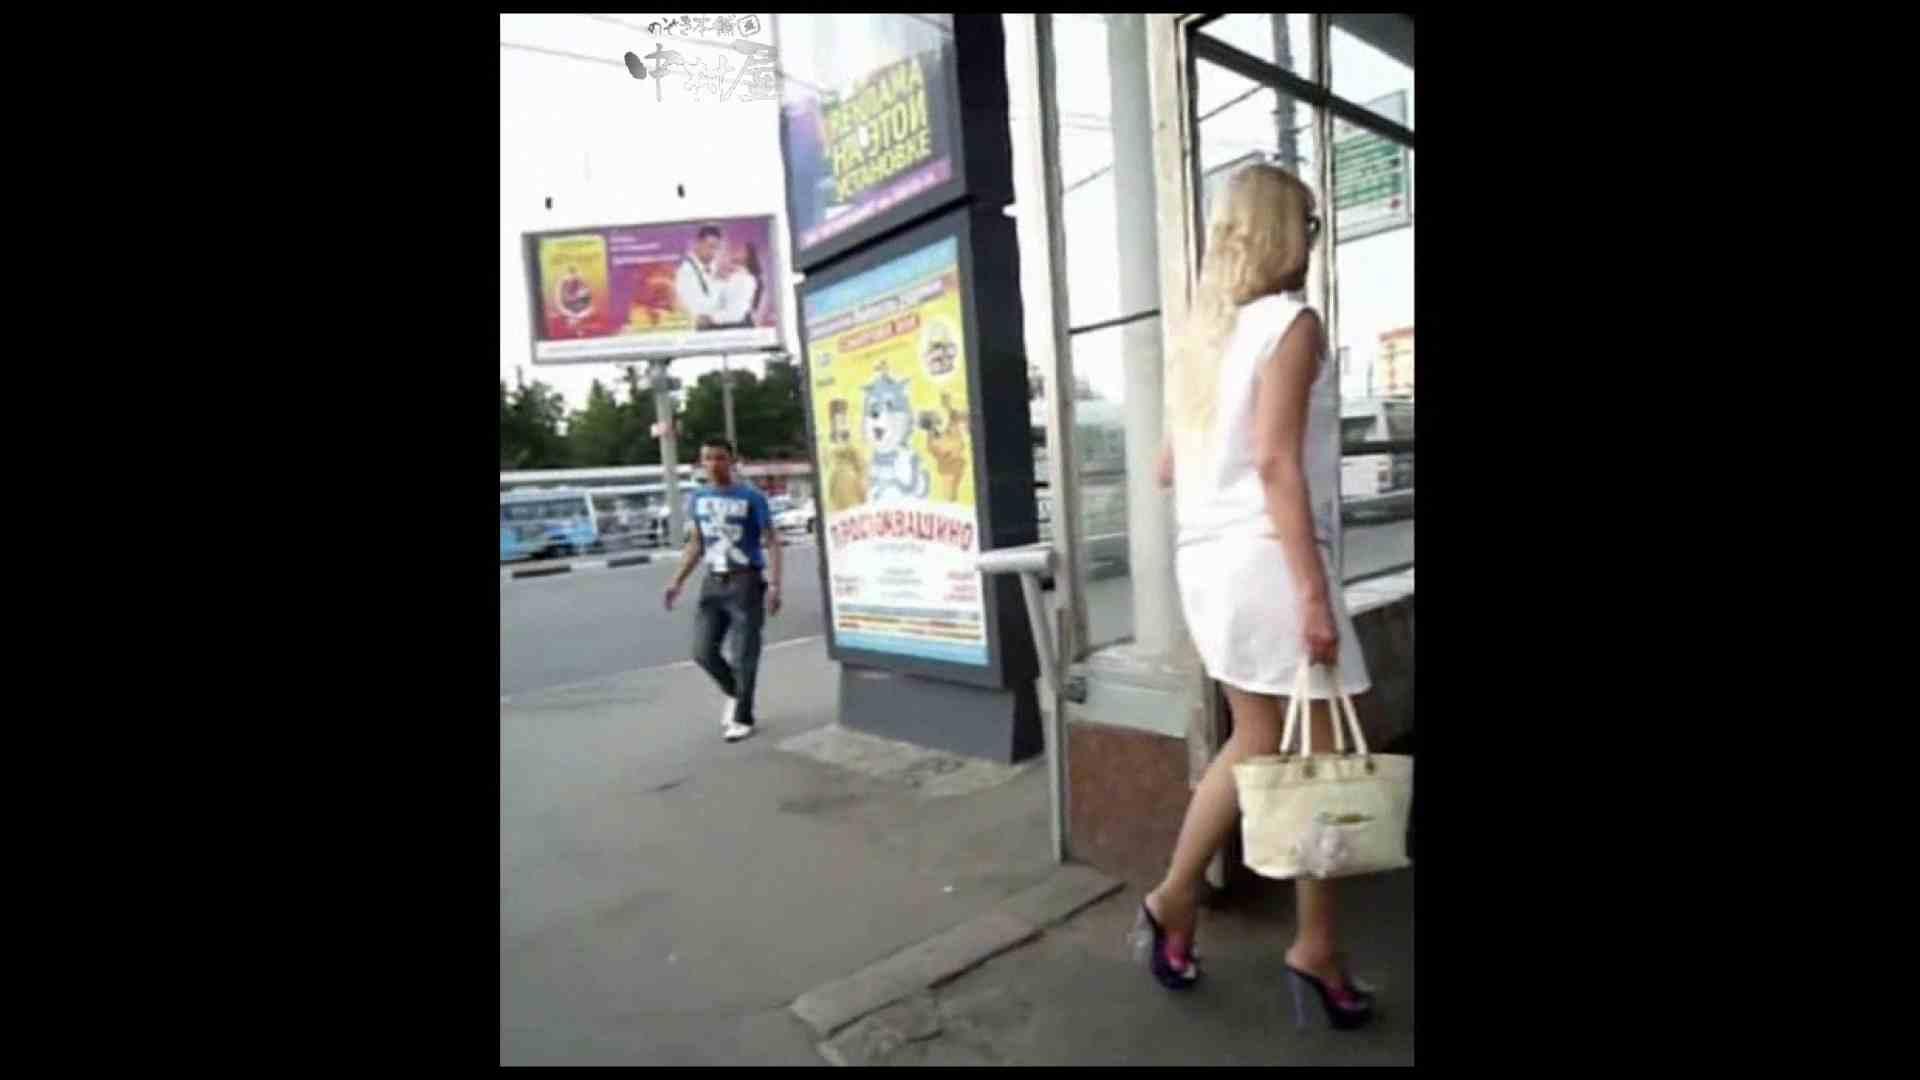 綺麗なモデルさんのスカート捲っちゃおう‼ vol29 OLのエロ生活  83連発 63